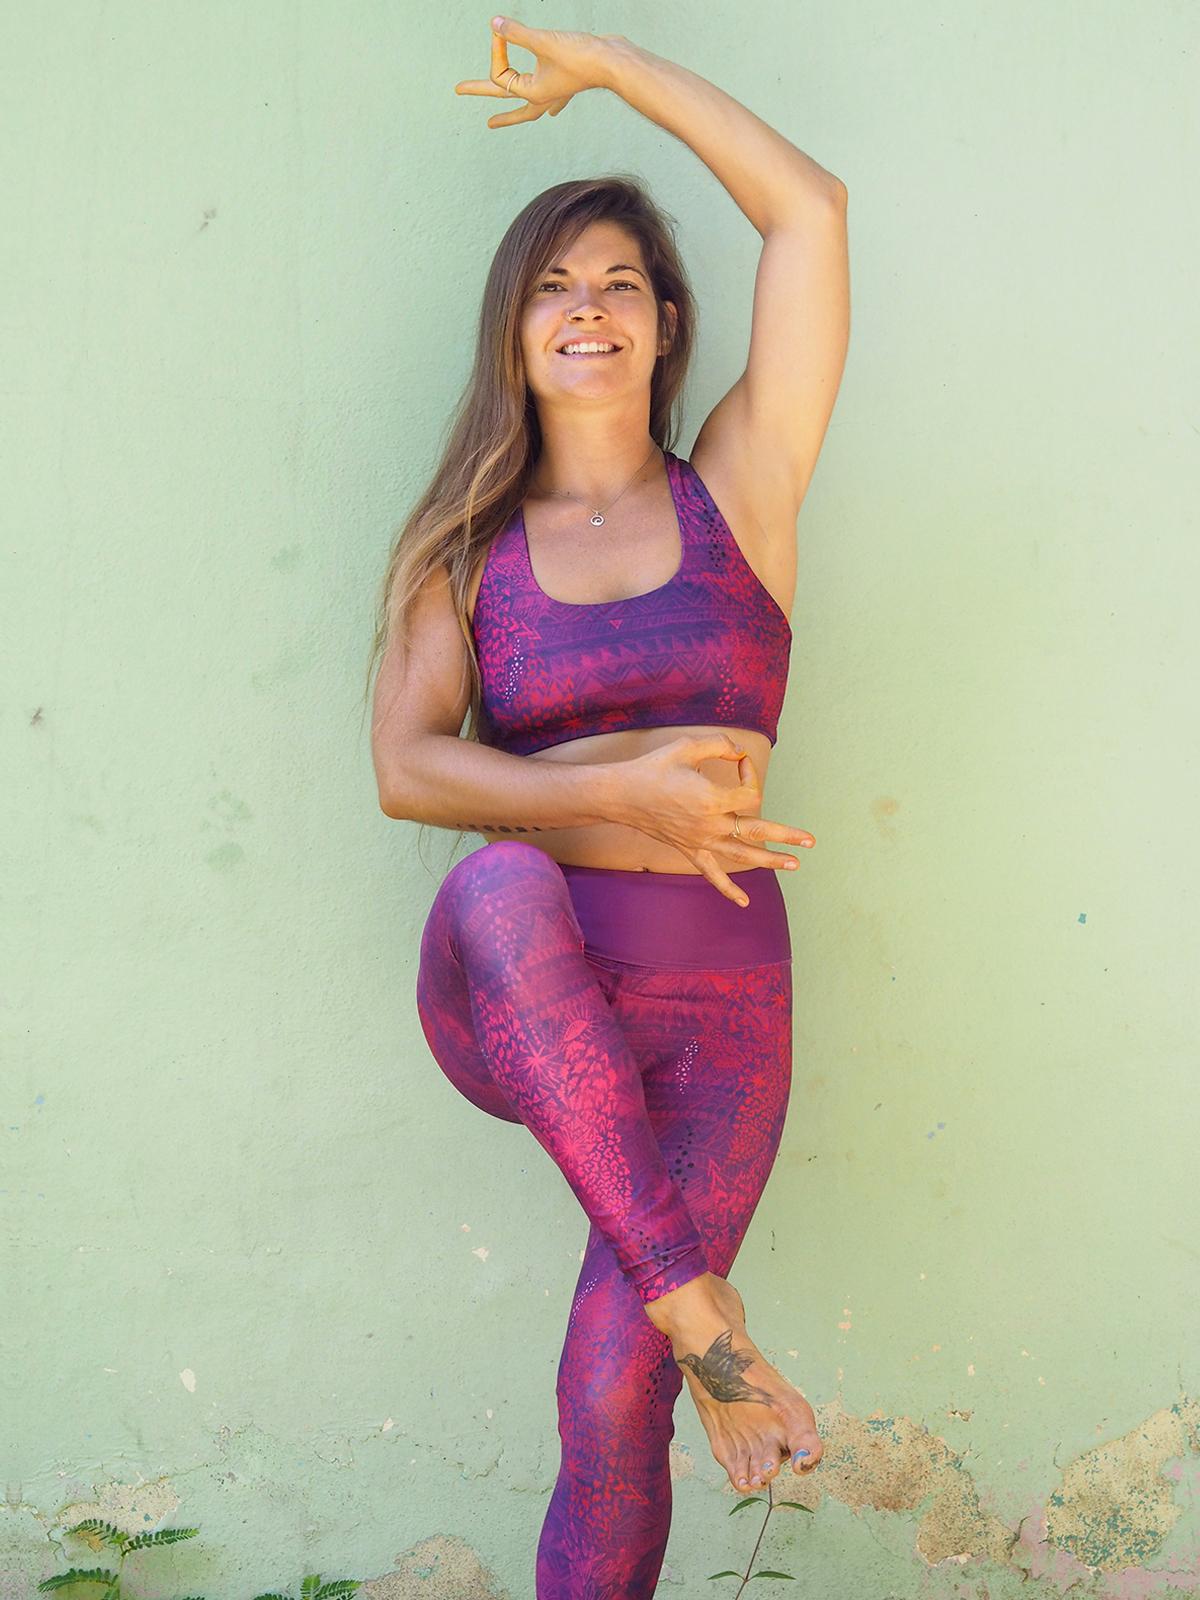 Monique big booty Size Guide Monique Rotteveel Sustainable Active Wear